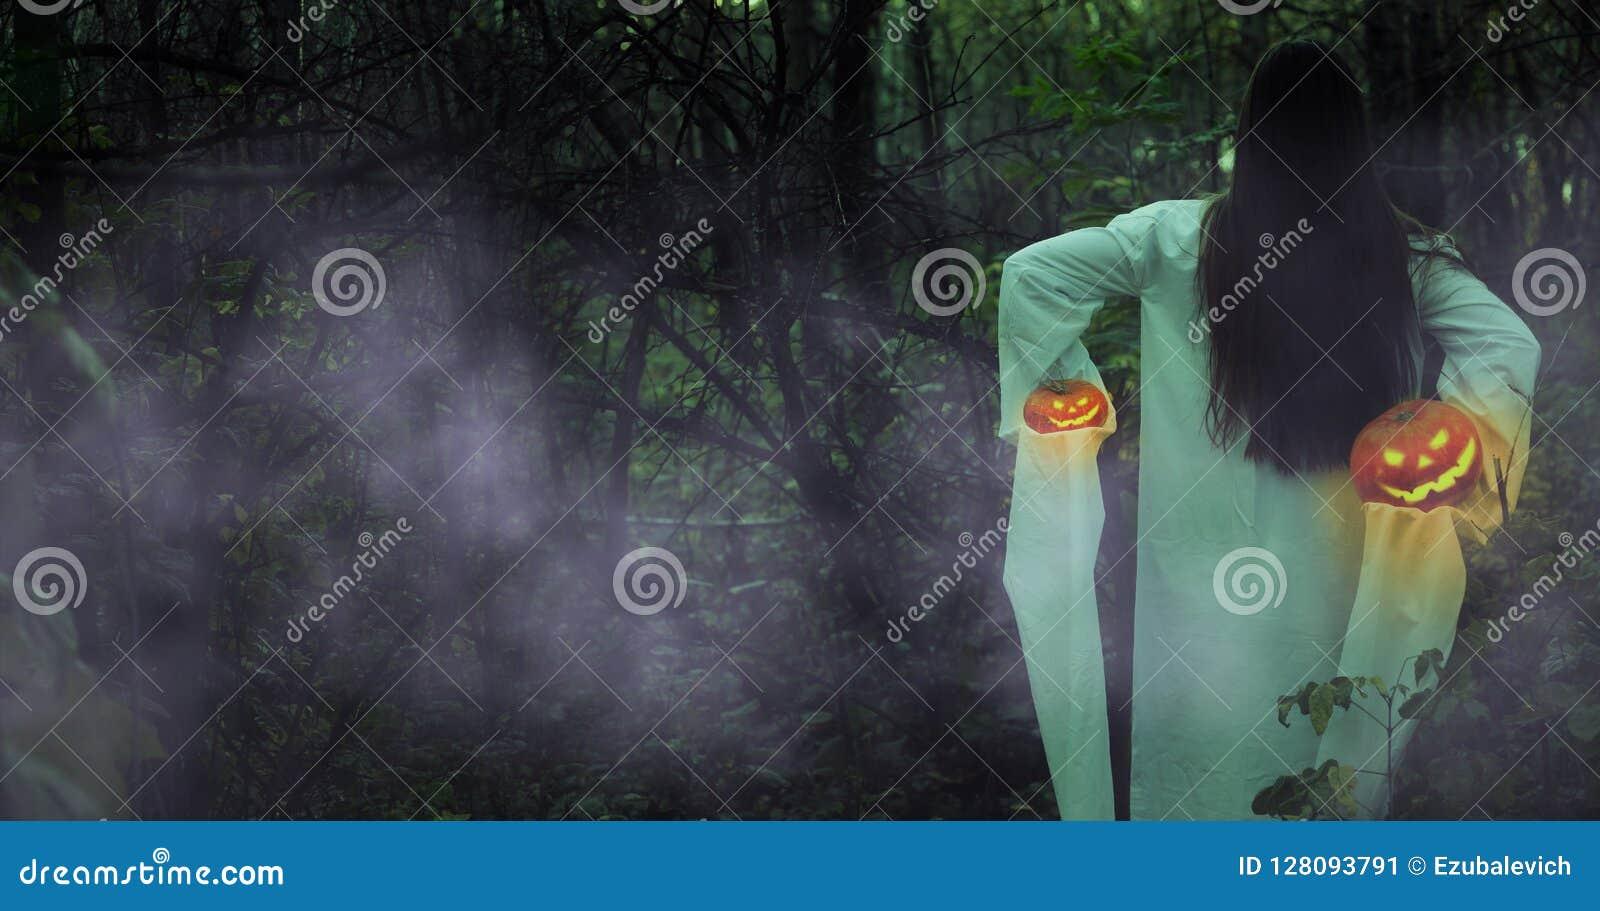 Ragazza morta con la Jack-o-lanterna in una foresta nebbiosa alla notte